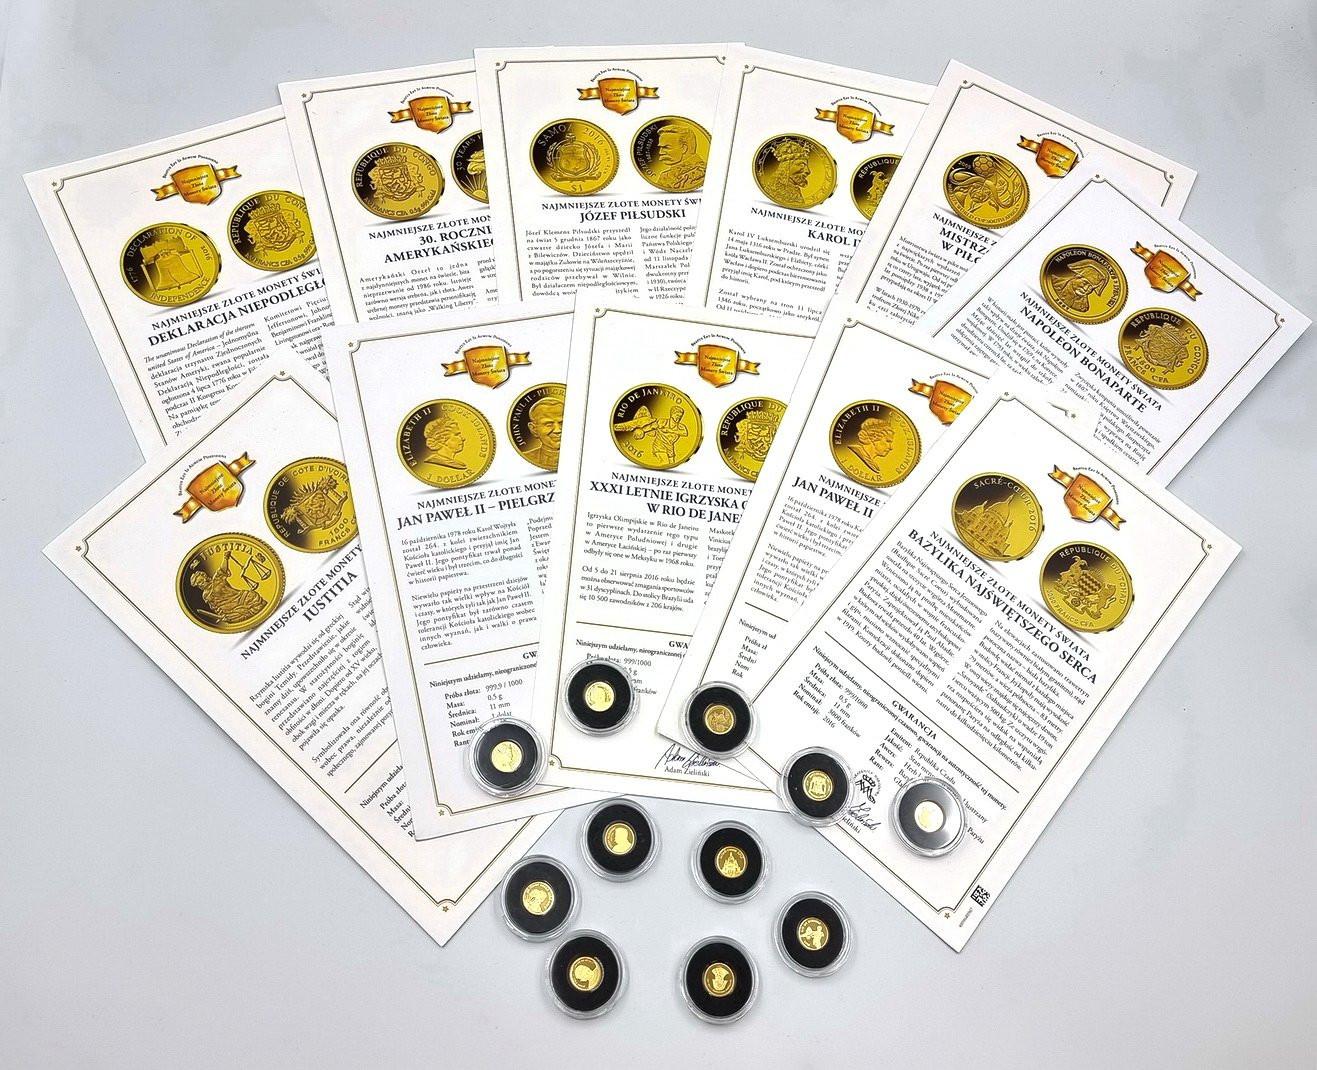 Świat najmniejsze monety złote - 11 sztuk